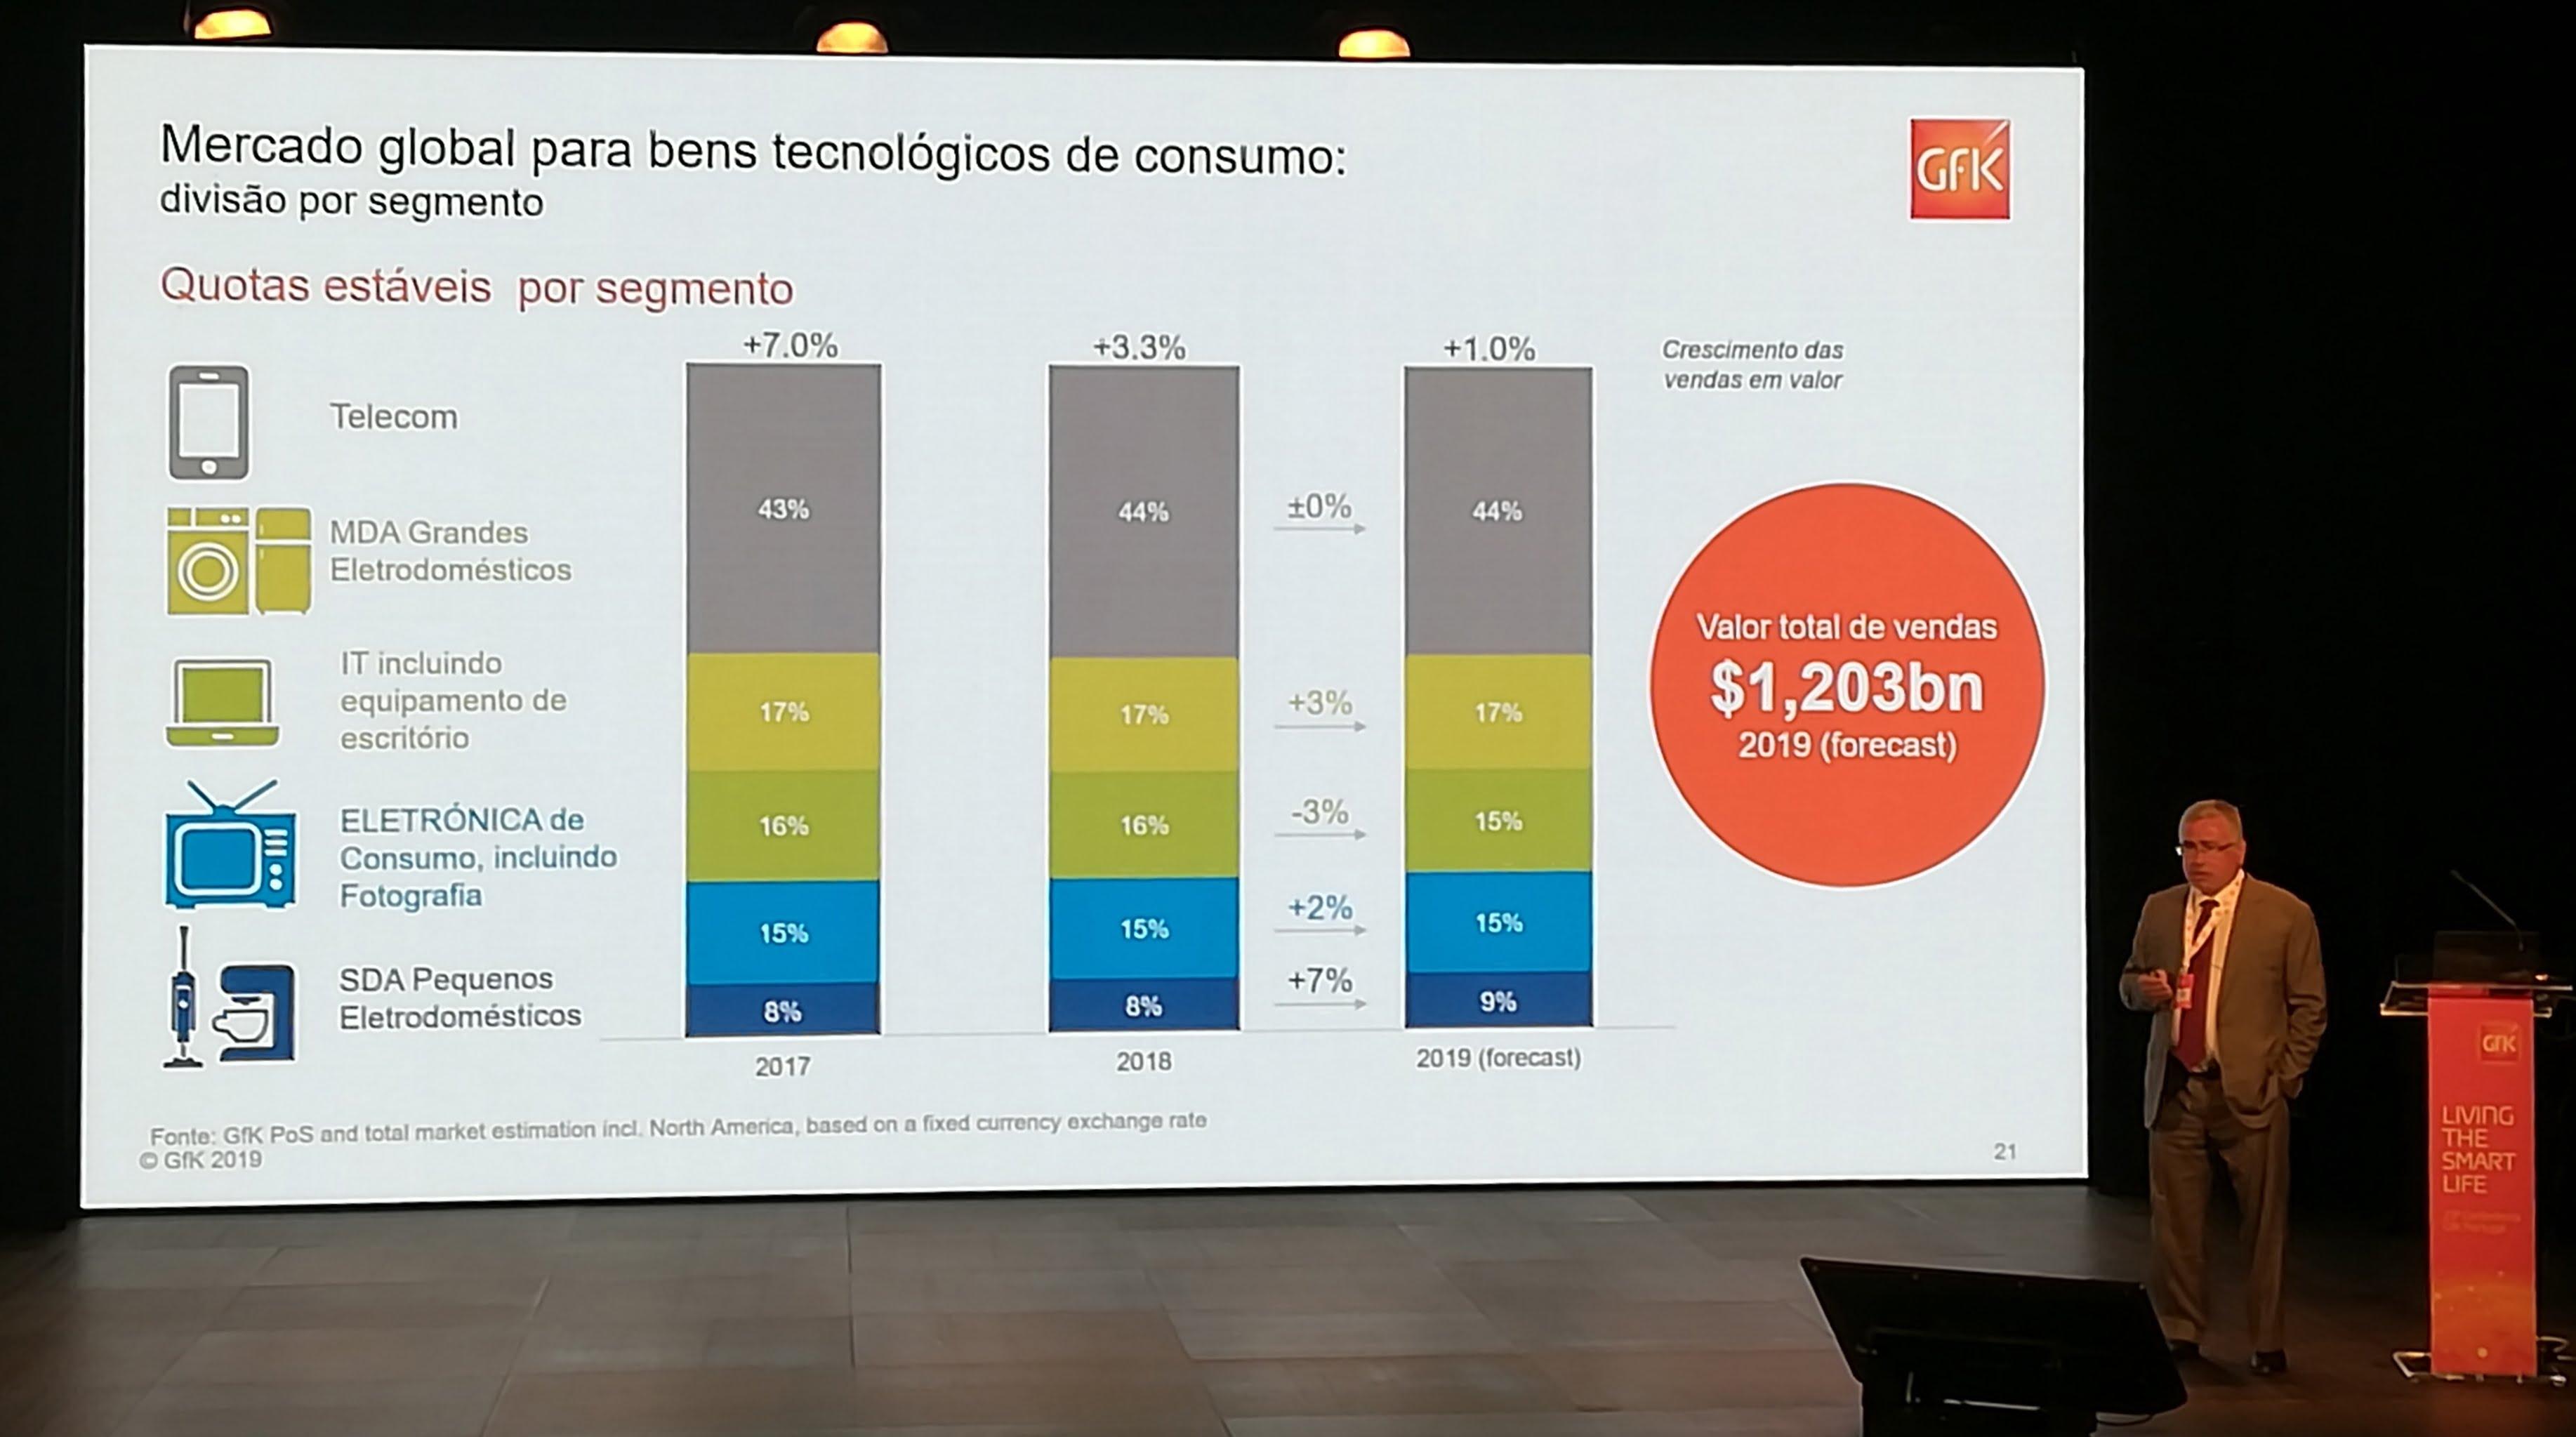 Premium, performance, personalização são apostas futuras da eletrónica de consumo